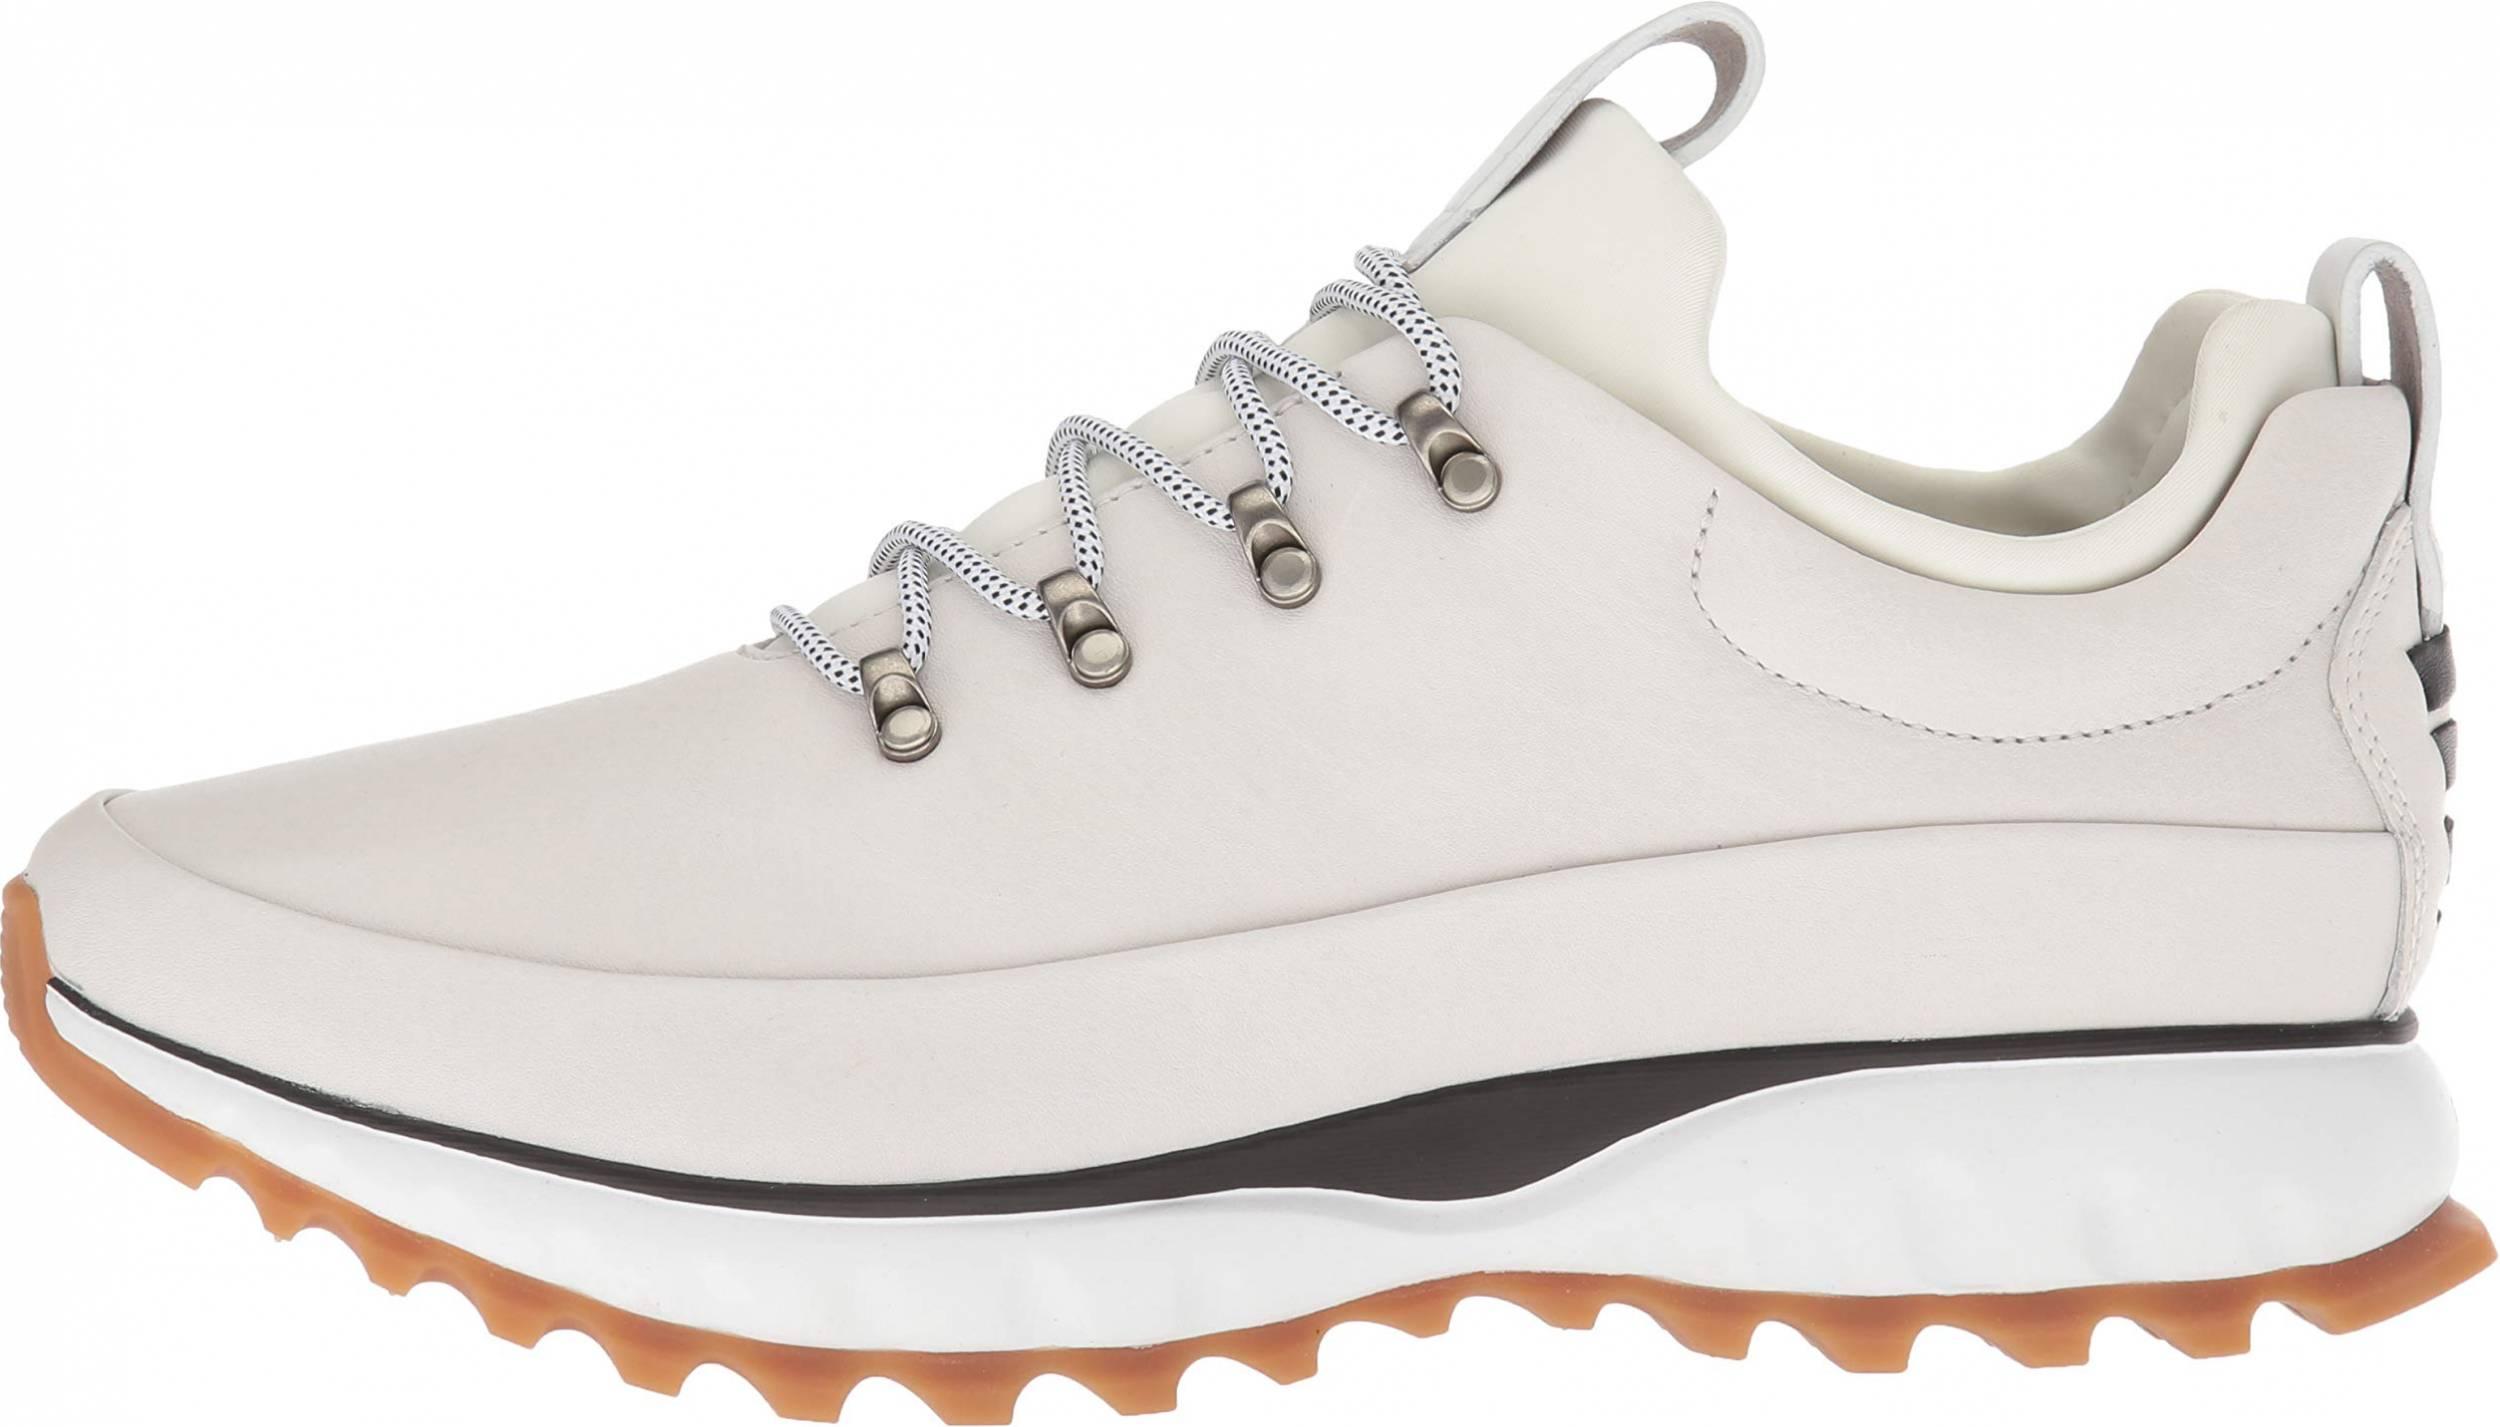 All-Terrain Waterproof Sneaker